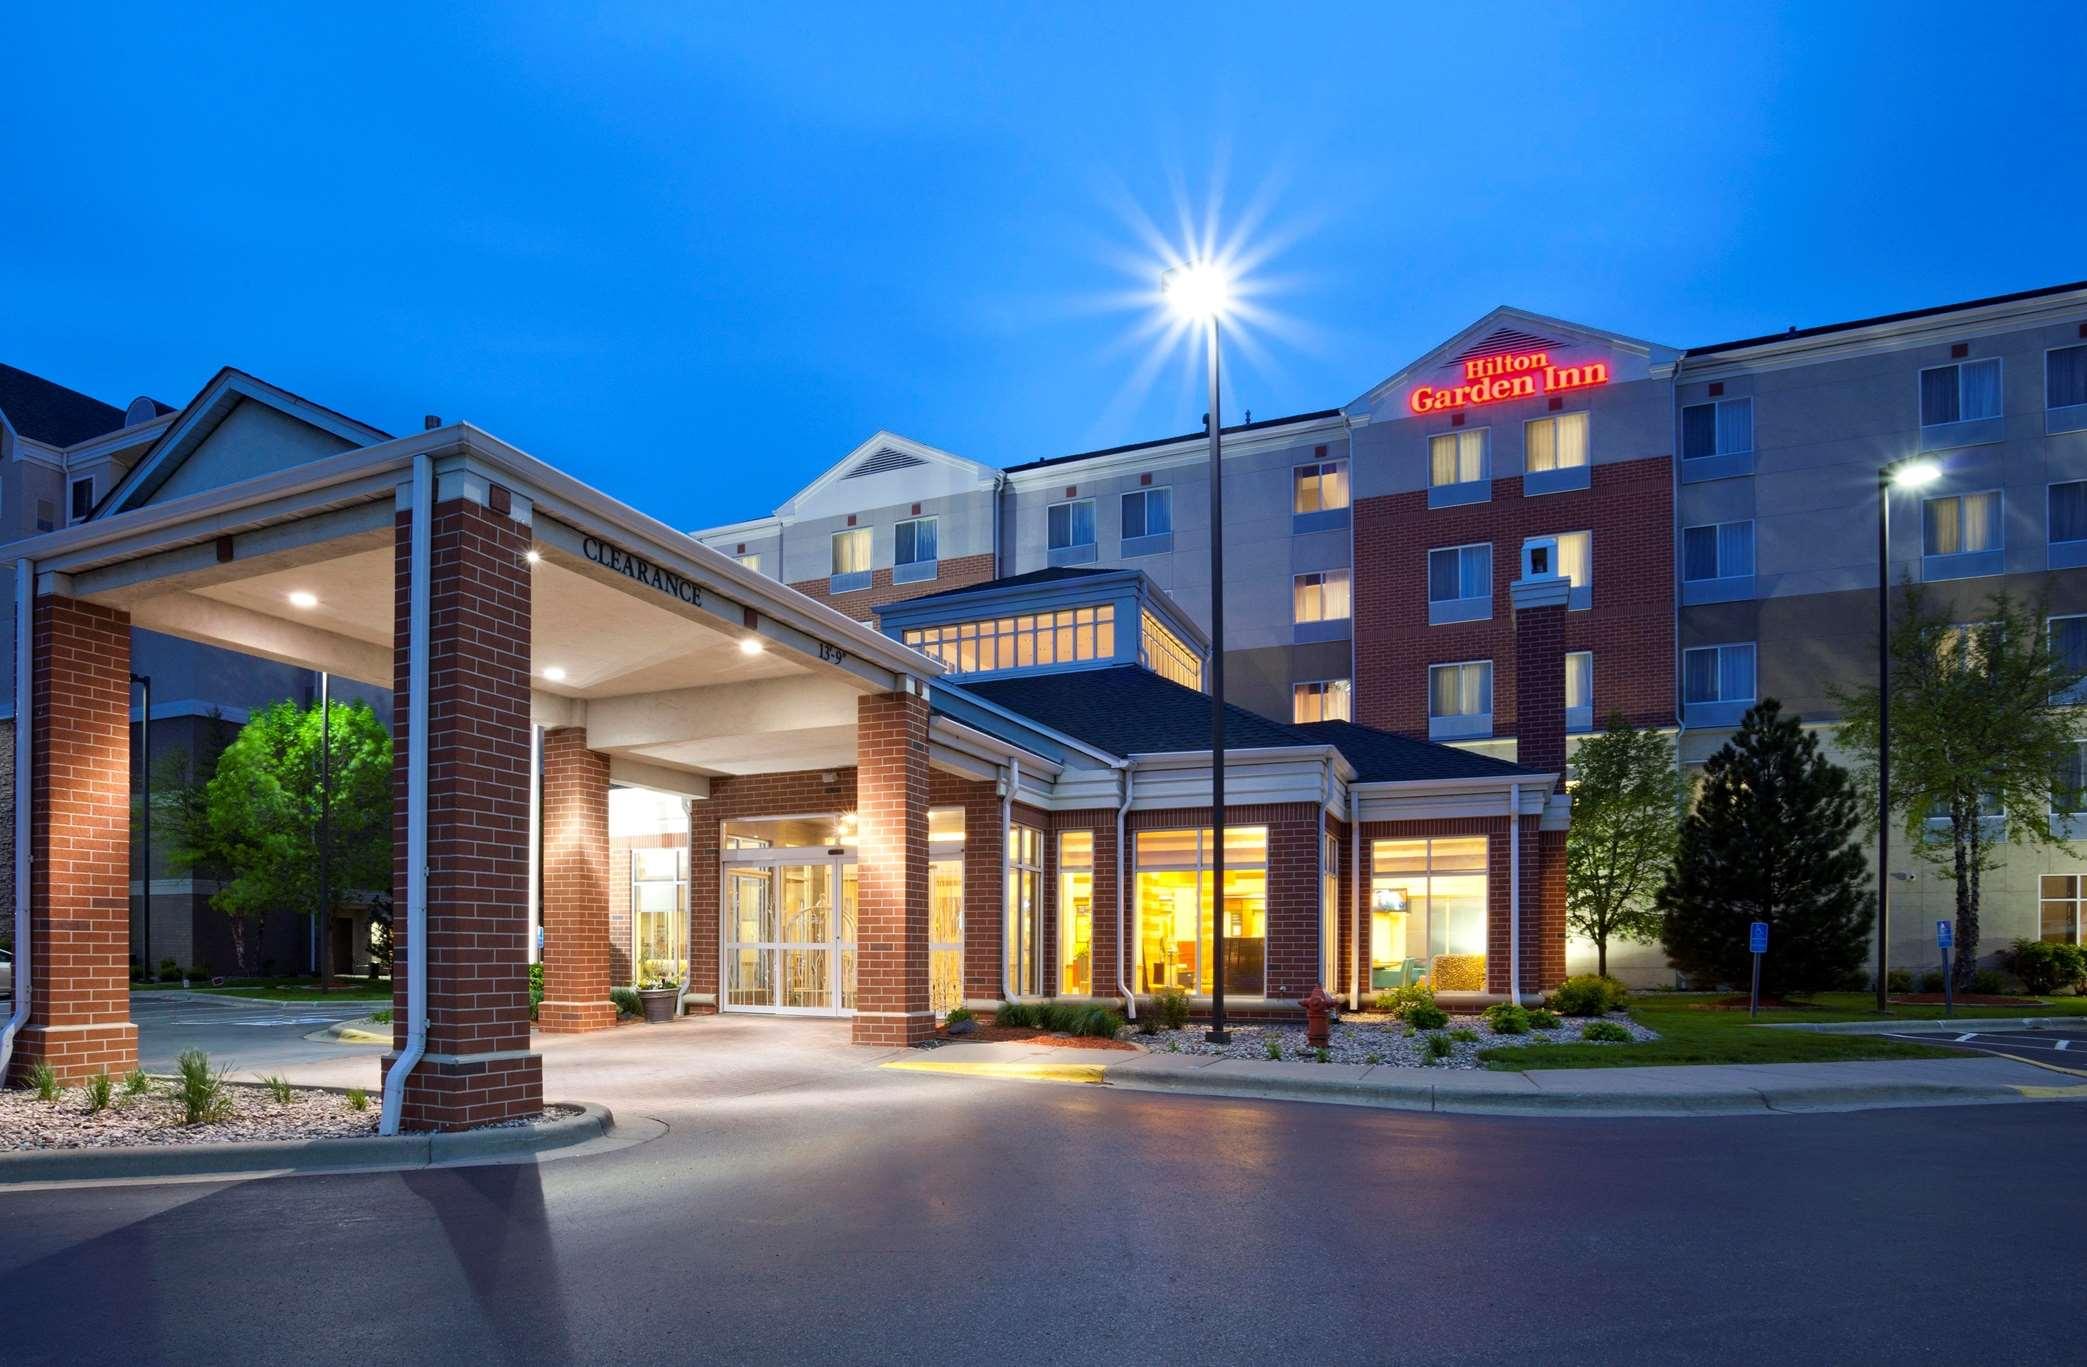 Hilton Garden Inn Minneapolis/Bloomington image 19